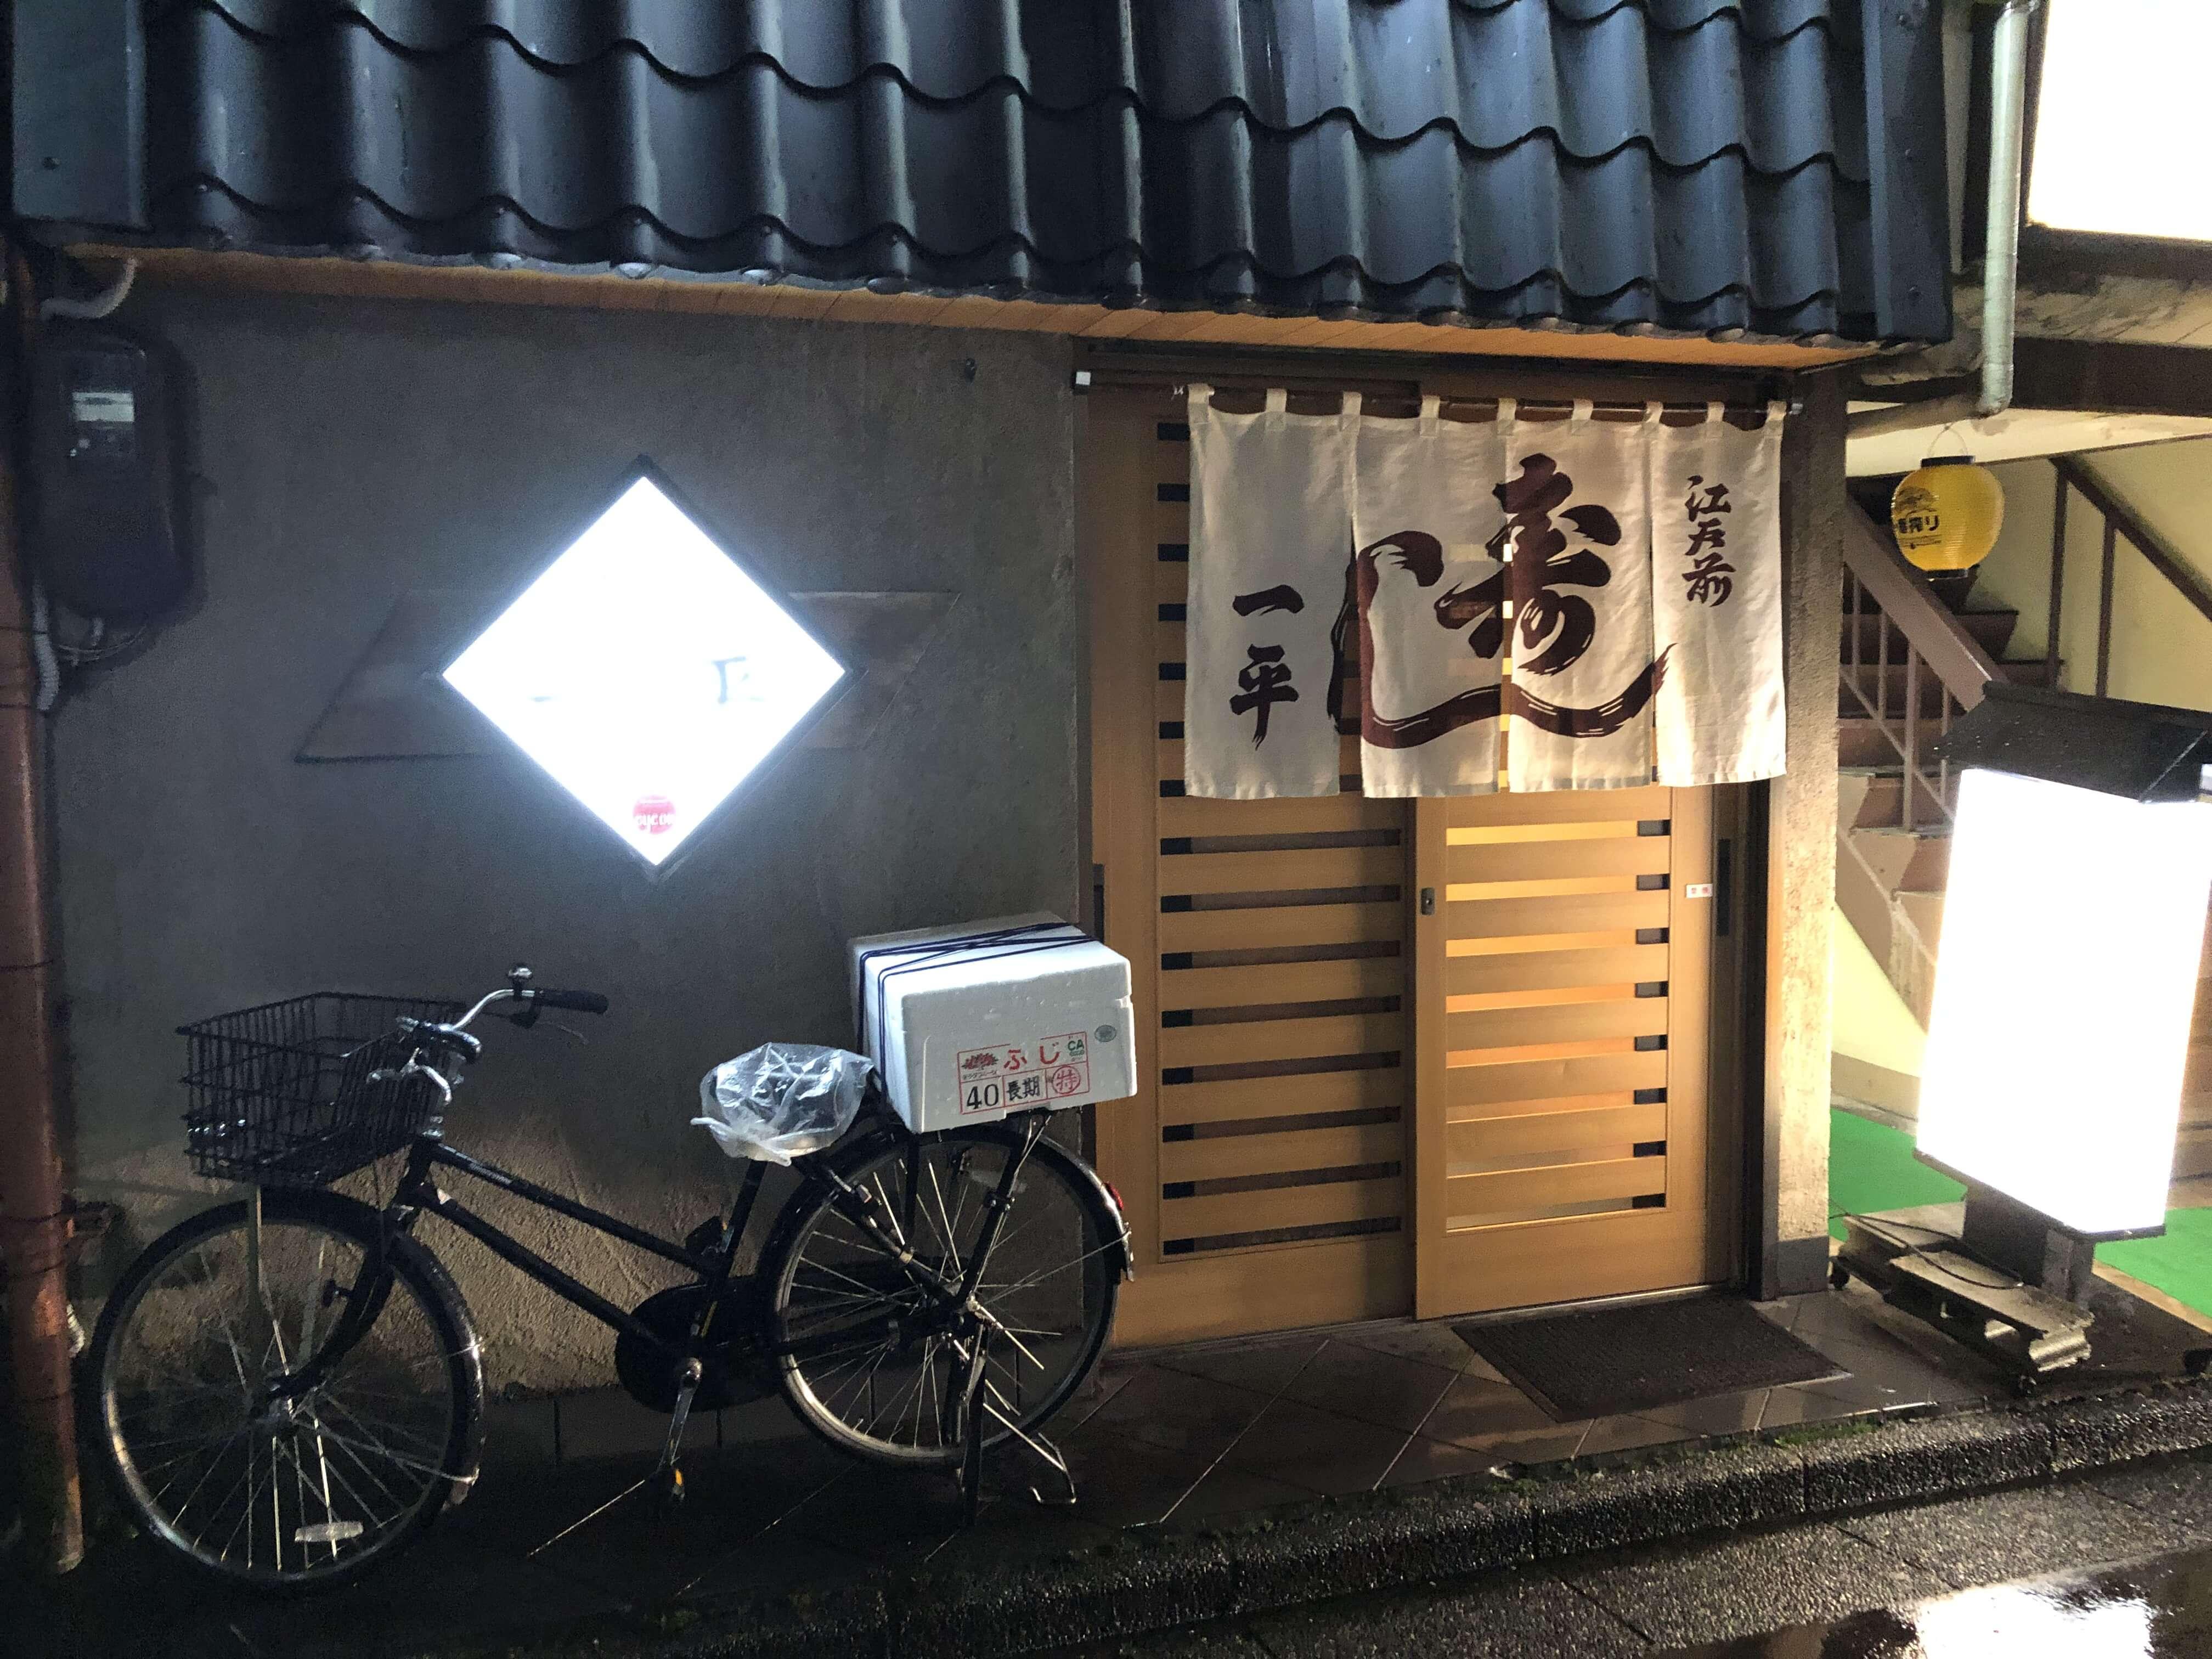 『 一平鮨 』トリップアドバイザー寿司屋ランキング第2位の人気店!! 人気の秘密は?!